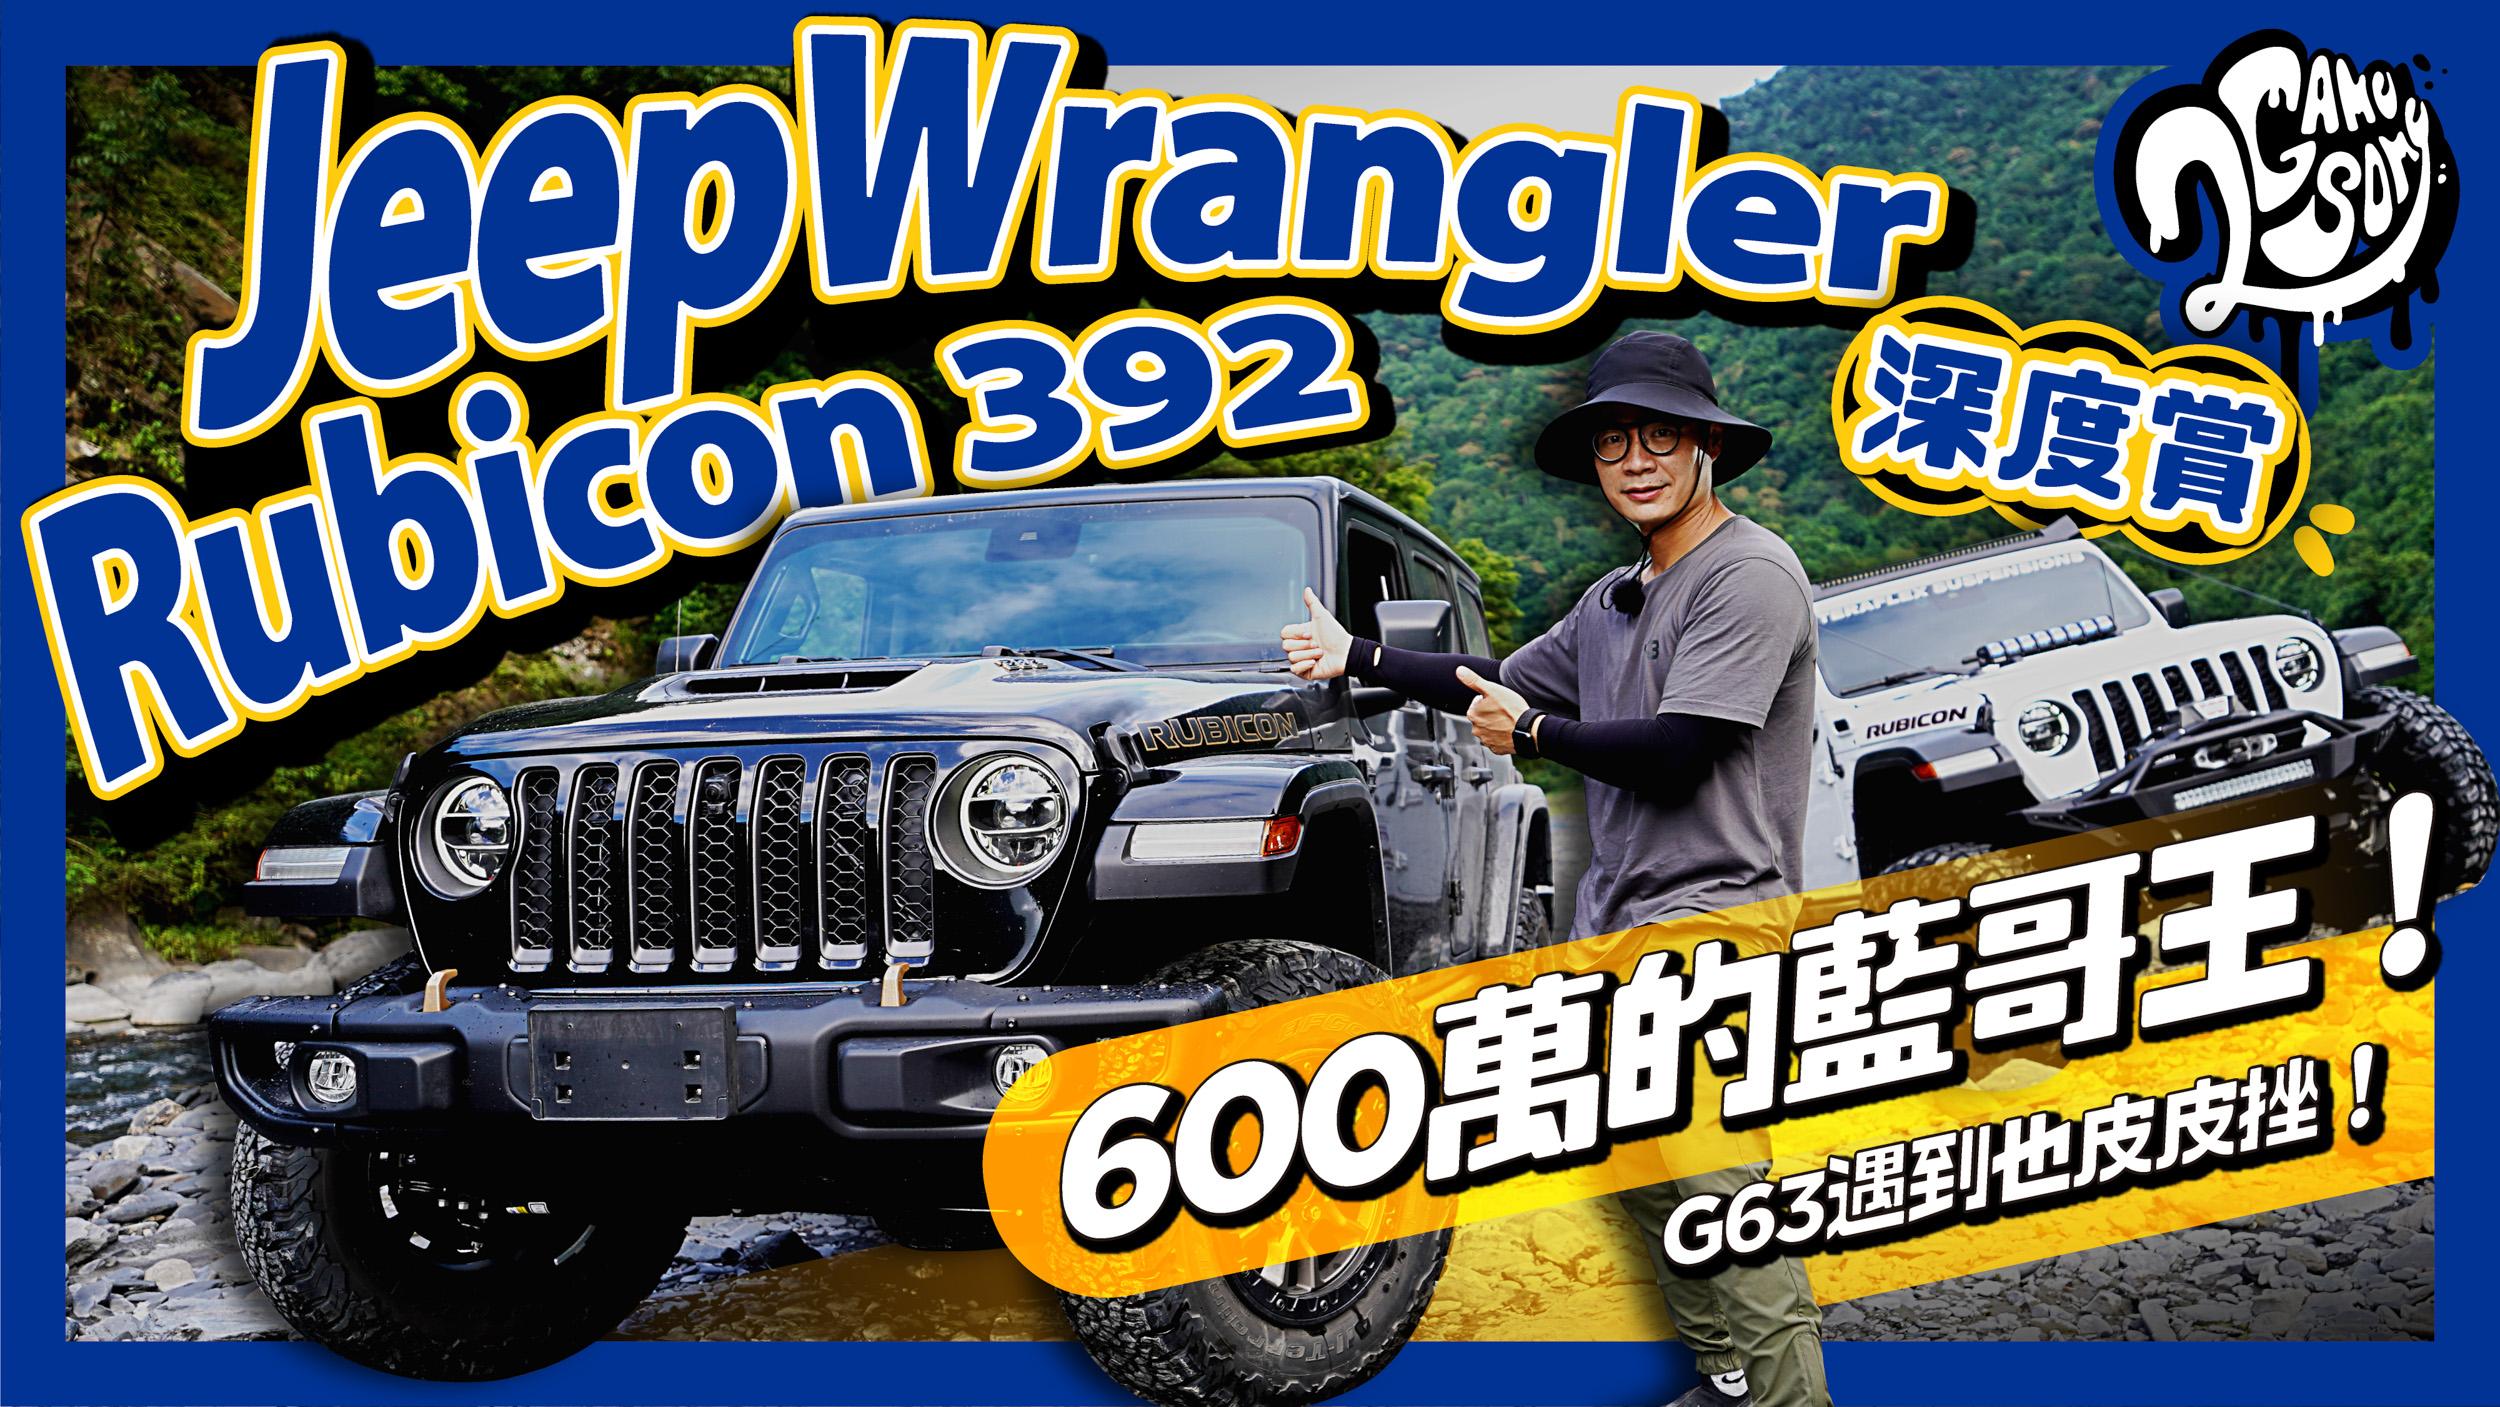 ▲ 【全台首試】Jeep Wrangler Rubicon 392 深度賞|600萬 / 470 匹馬力的藍哥王!G63 遇到也皮皮挫!